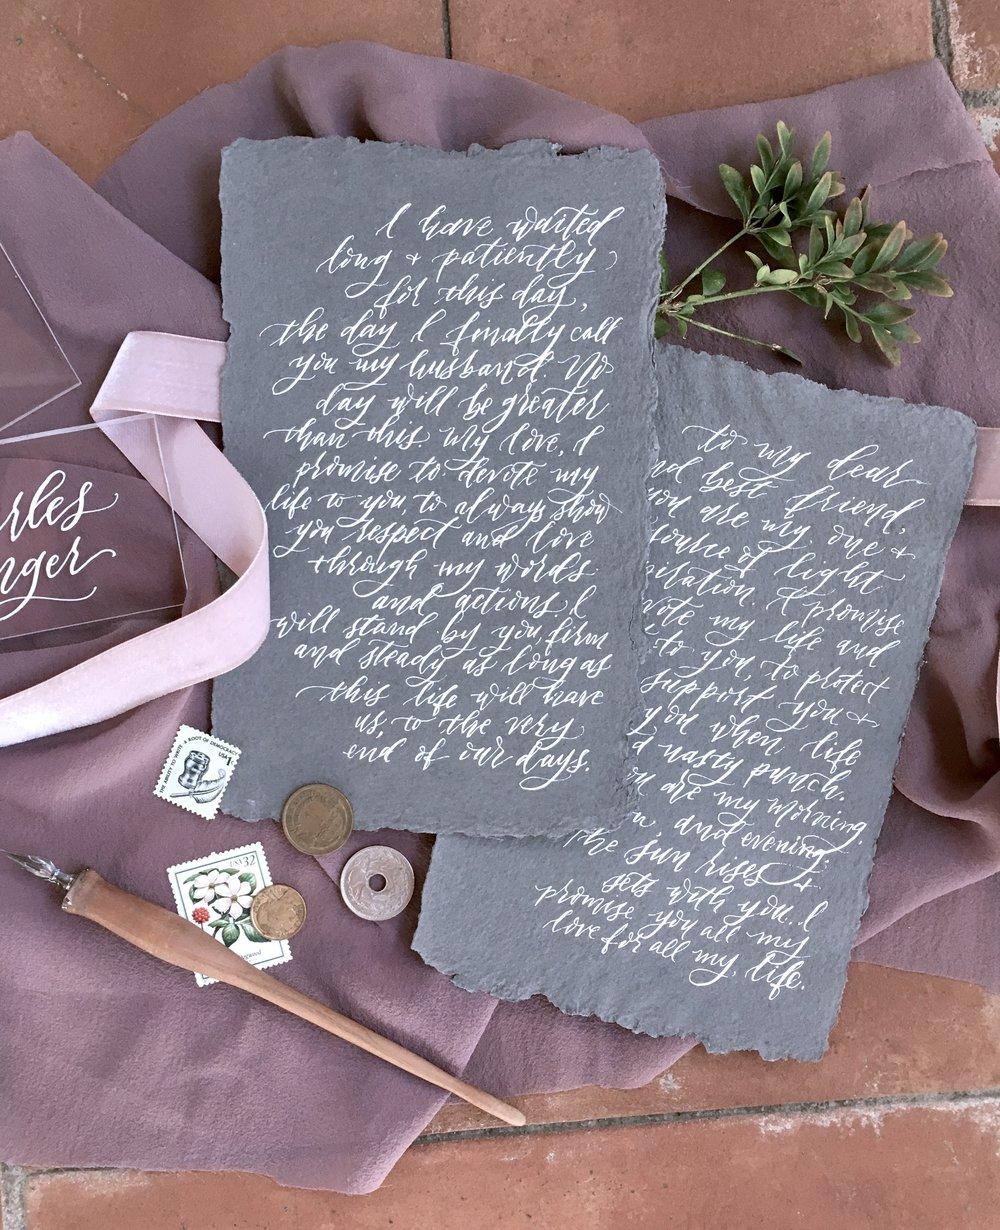 Summerour Studio Wedding Vows on Handmade Paper